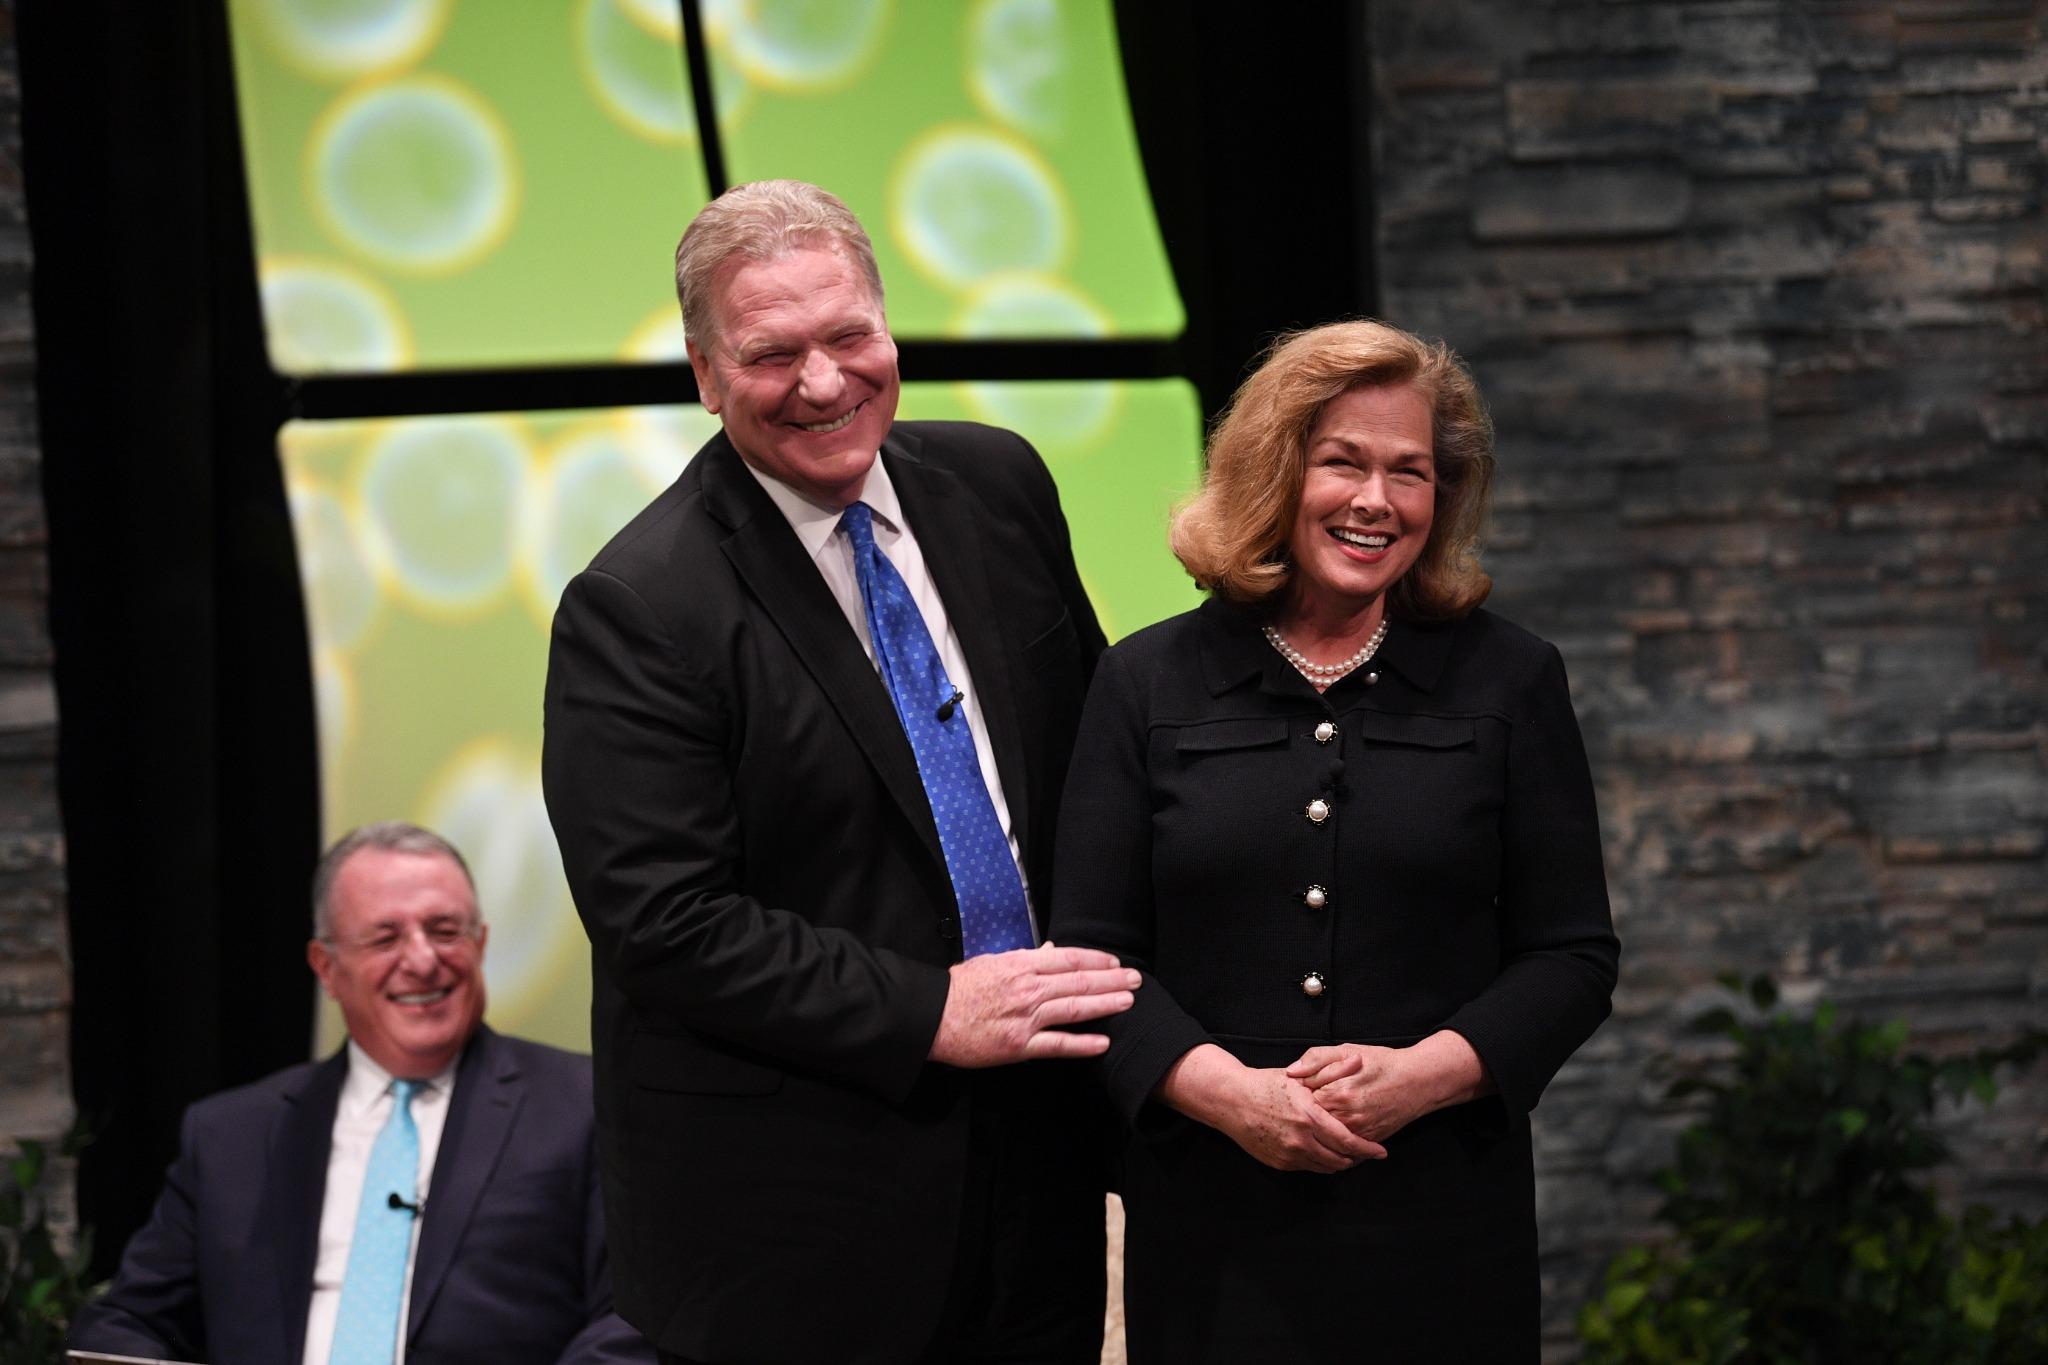 El élder Craig C. Christensen, de los Setenta, presenta a su esposa, Debbie, a la audiencia de jóvenes adultos en el Devocional Mundial Cara a Cara, el domingo, 15 de septiembre de 2019, en Provo, Utah.